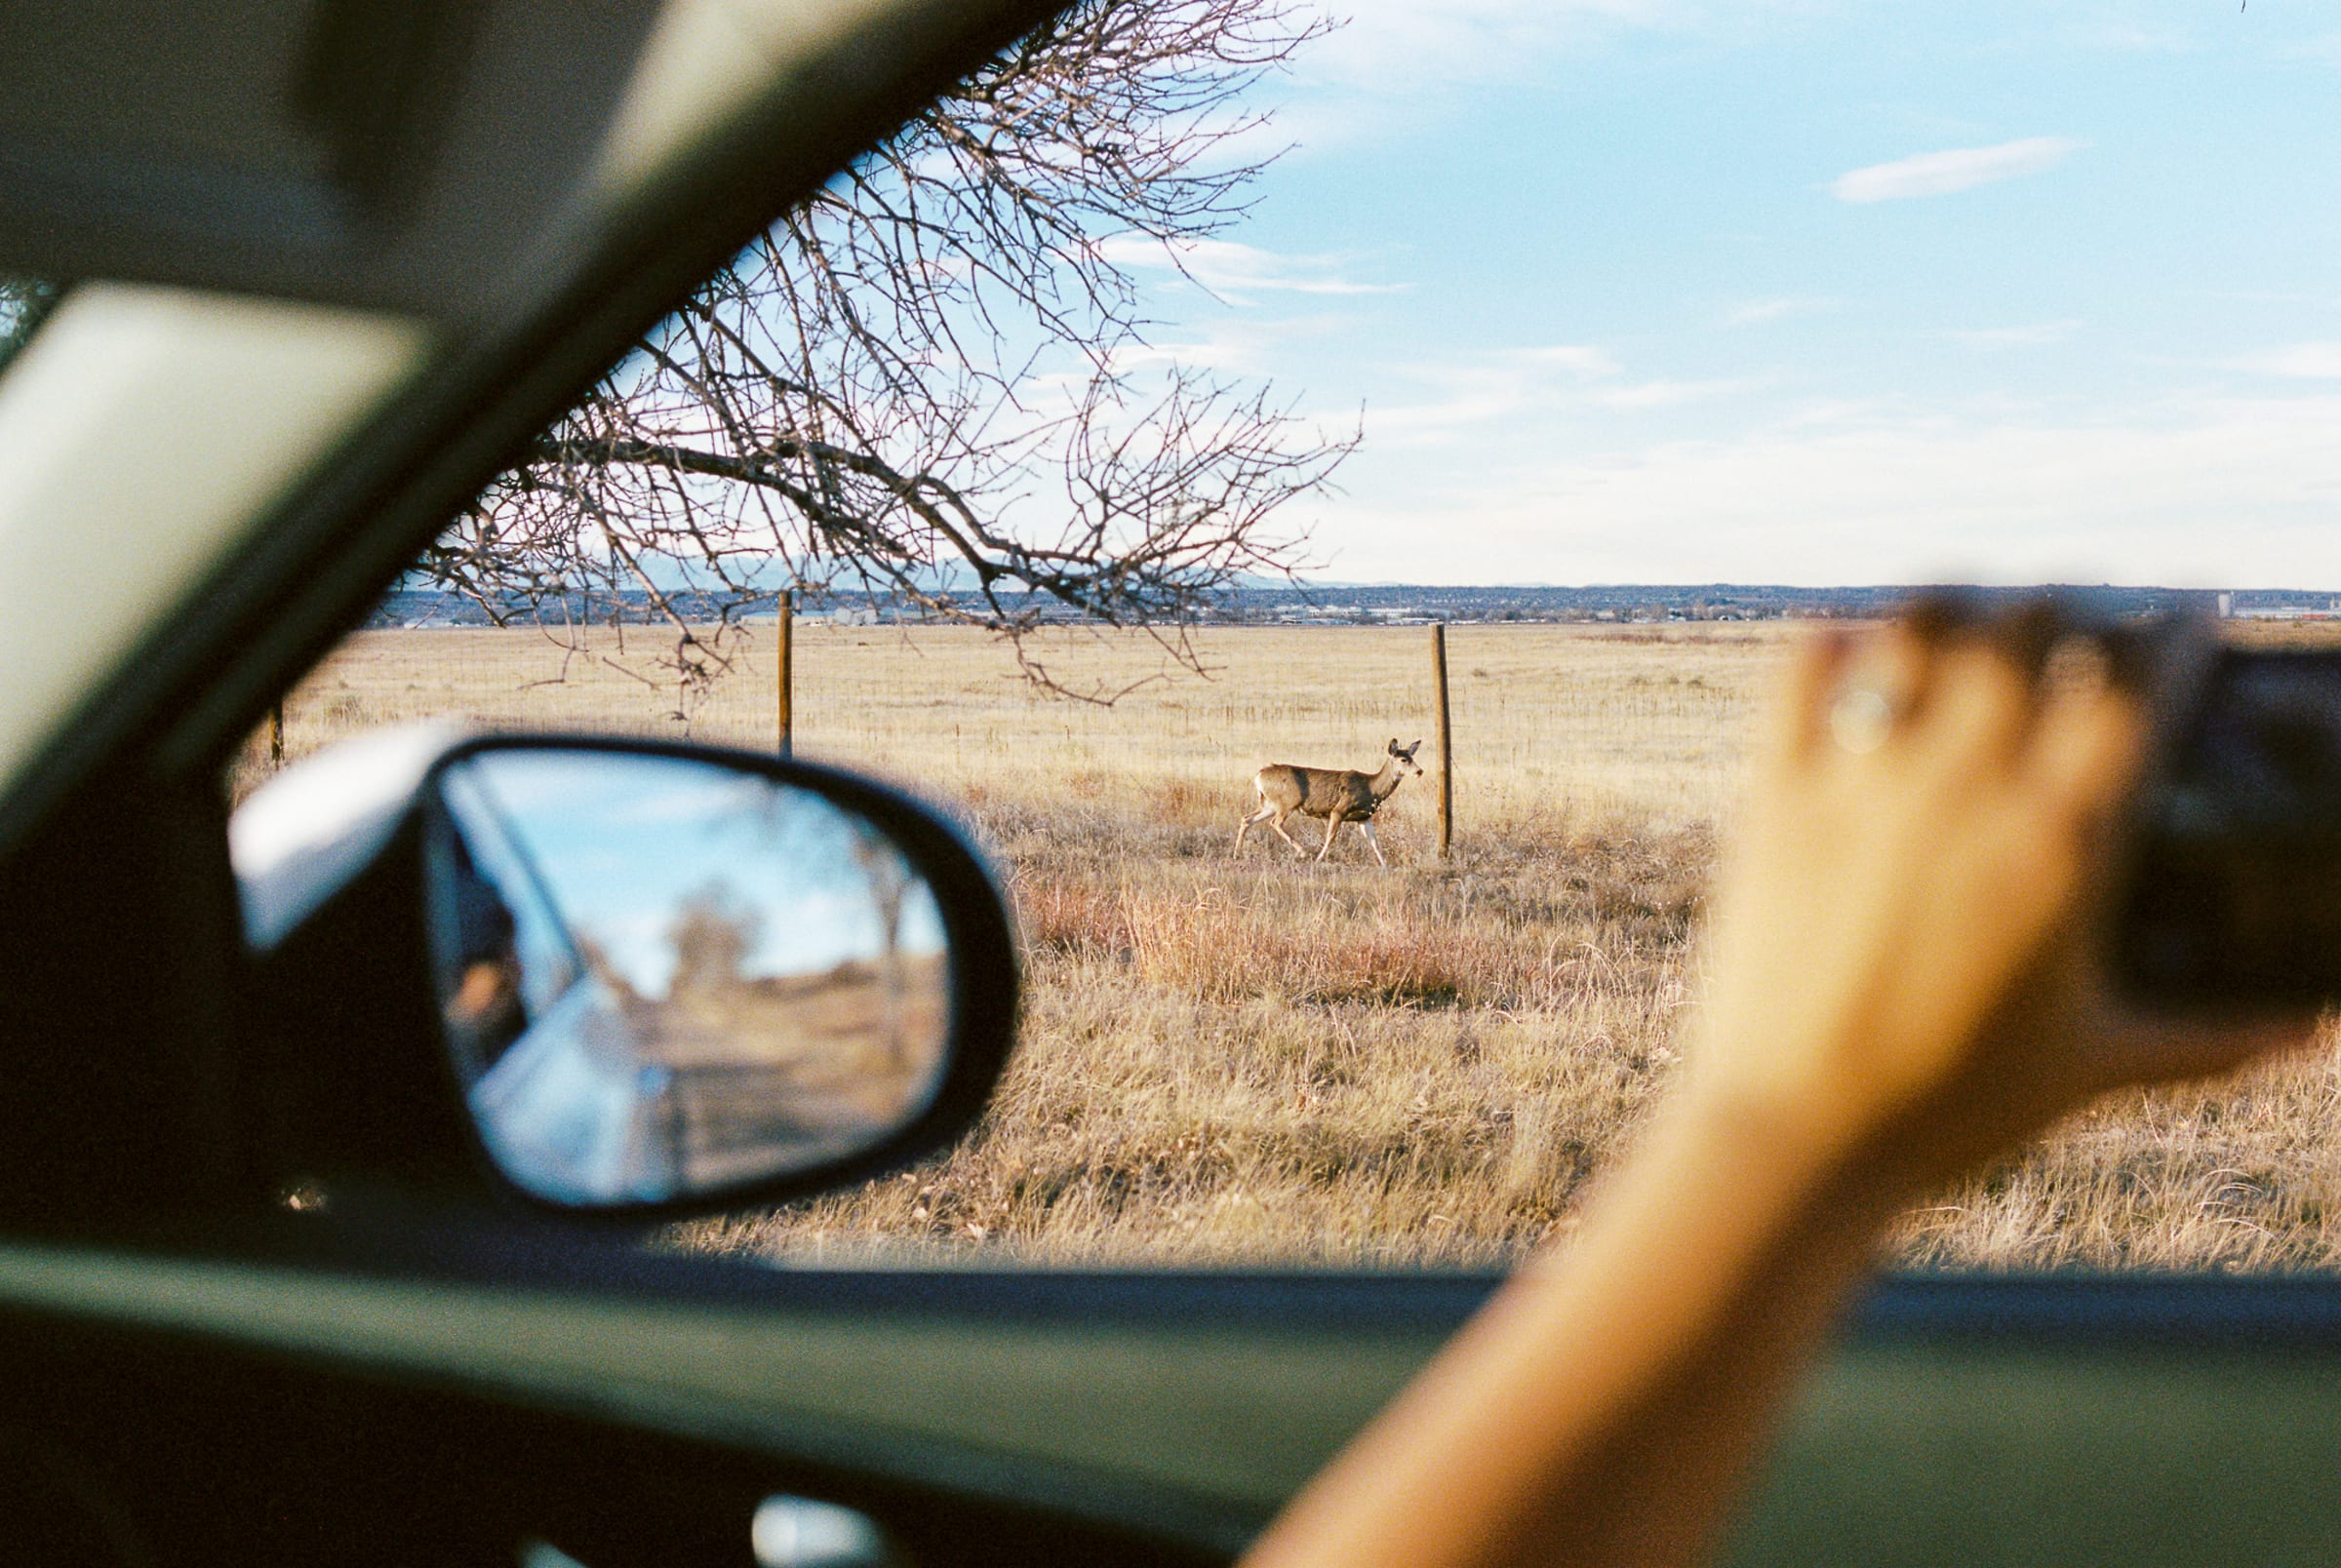 Denver wild life refugee